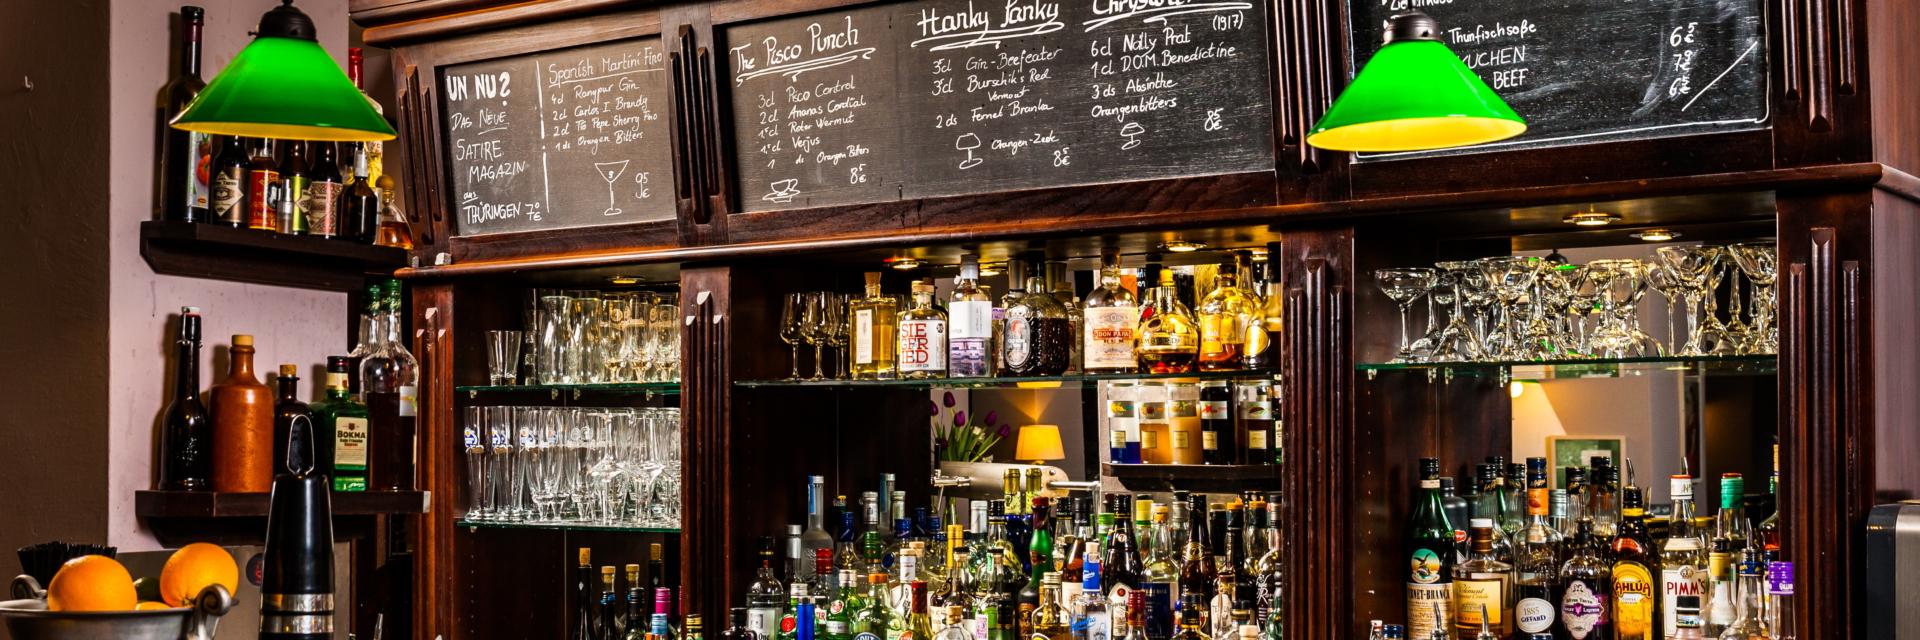 Trinkkultur: Alte Bar im Gastraum der Weintanne © Weintanne Gasthaus & Bar, Foto: Sebastian Reuter